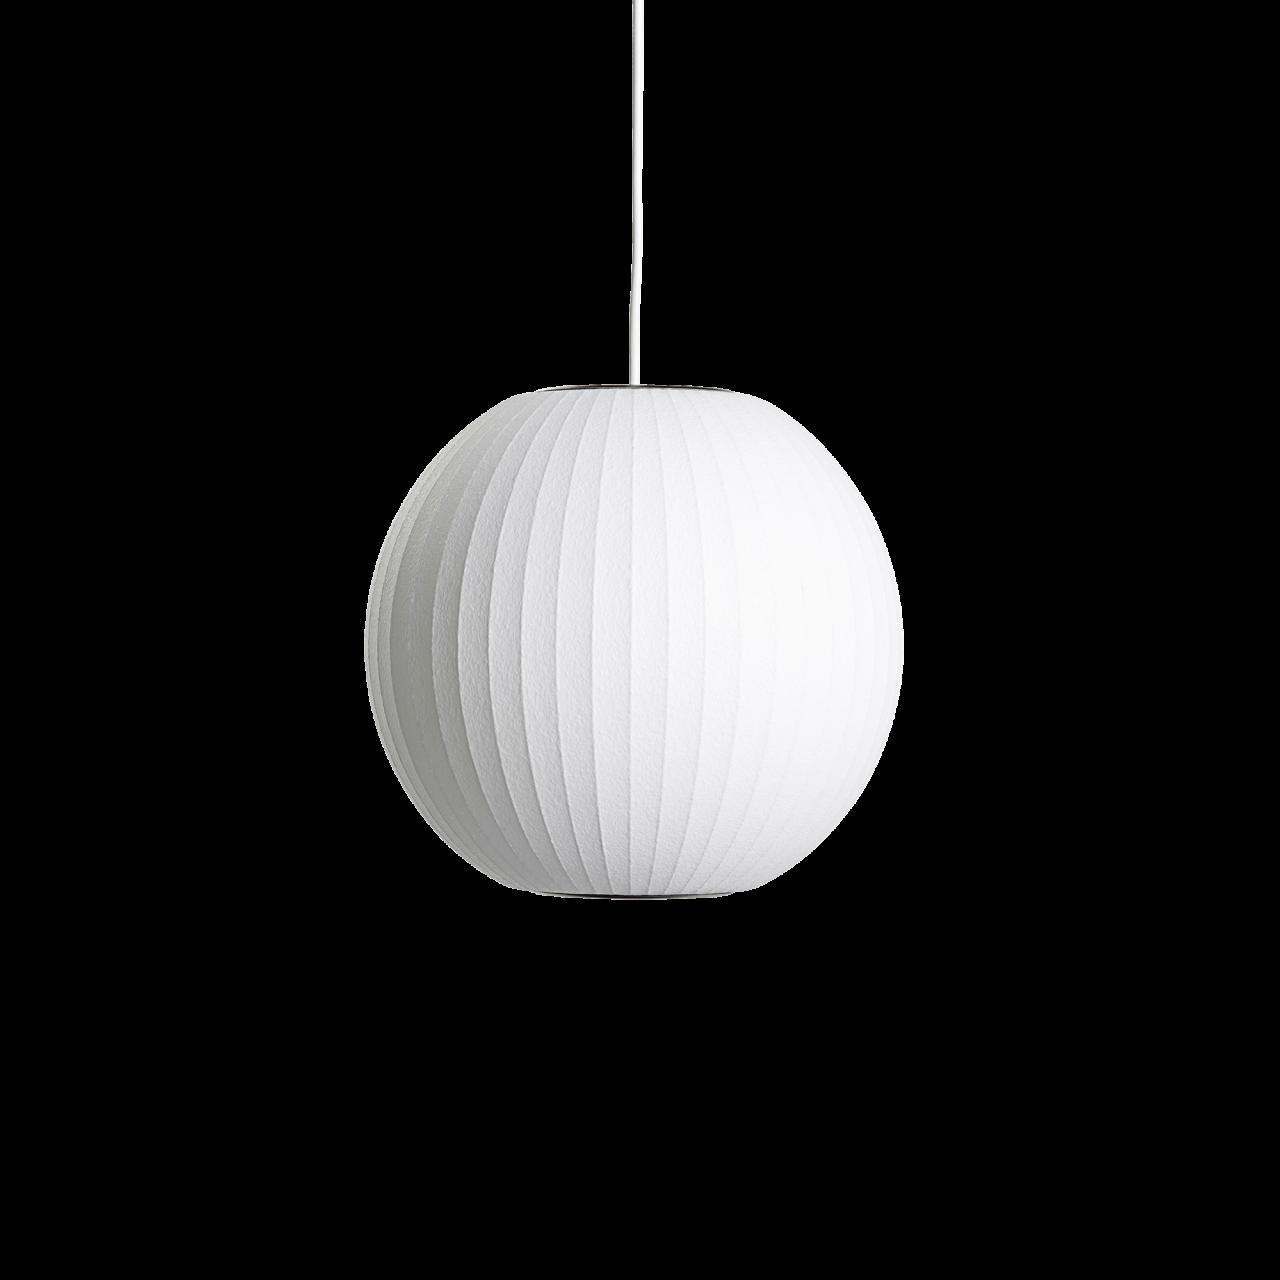 Nelson Ball Bubble Pendelleuchte